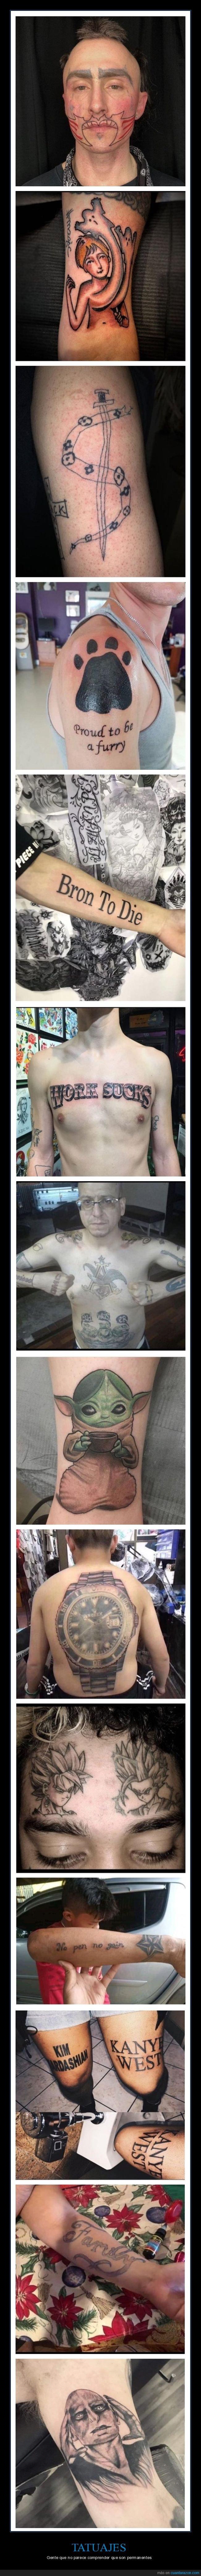 cutres,fails,tatuajes